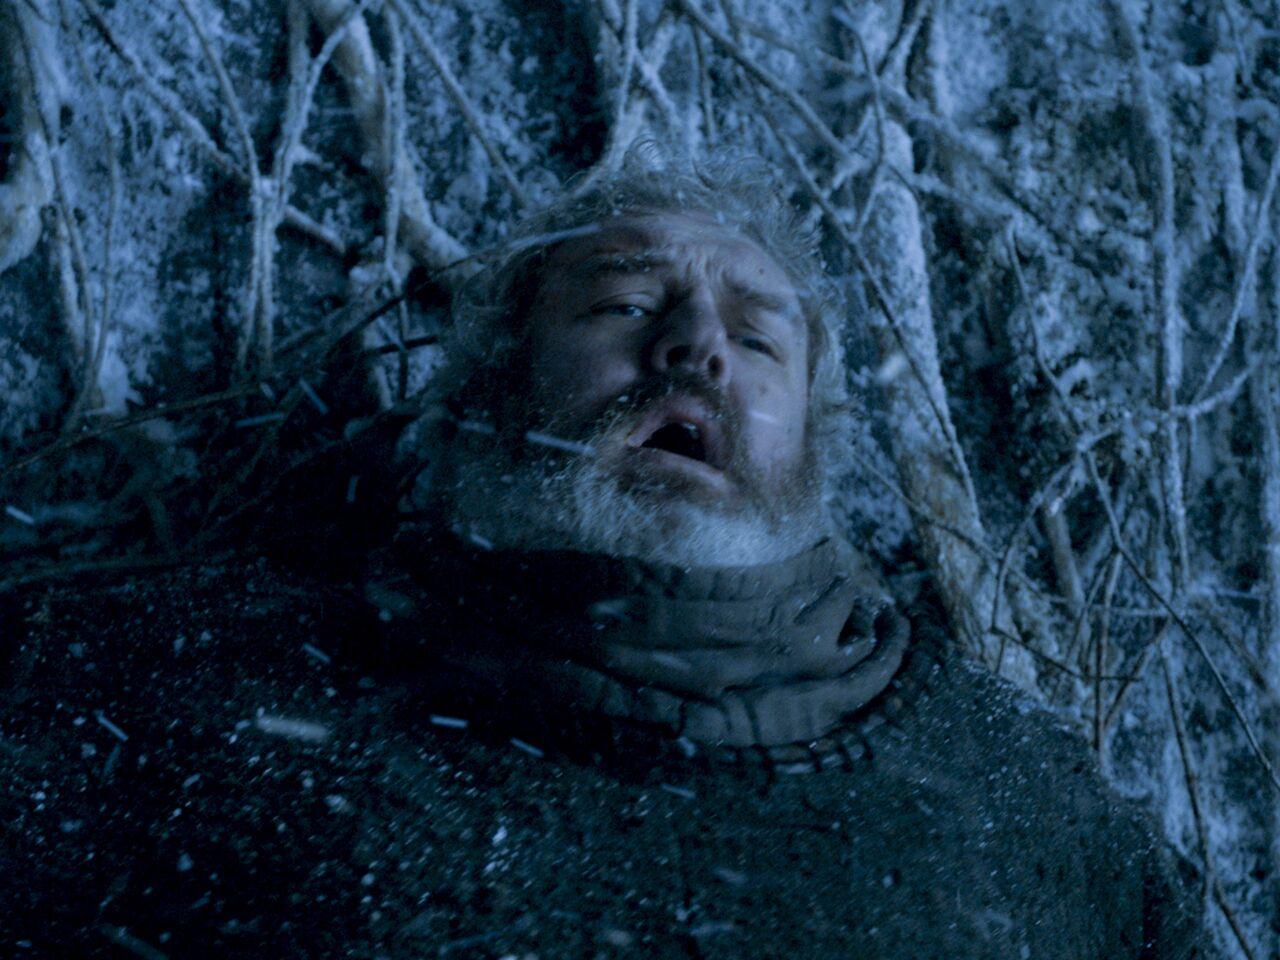 Шоураннеры «Игры престолов» заявили, что смерть Ходора была идеей Джорджа Мартина